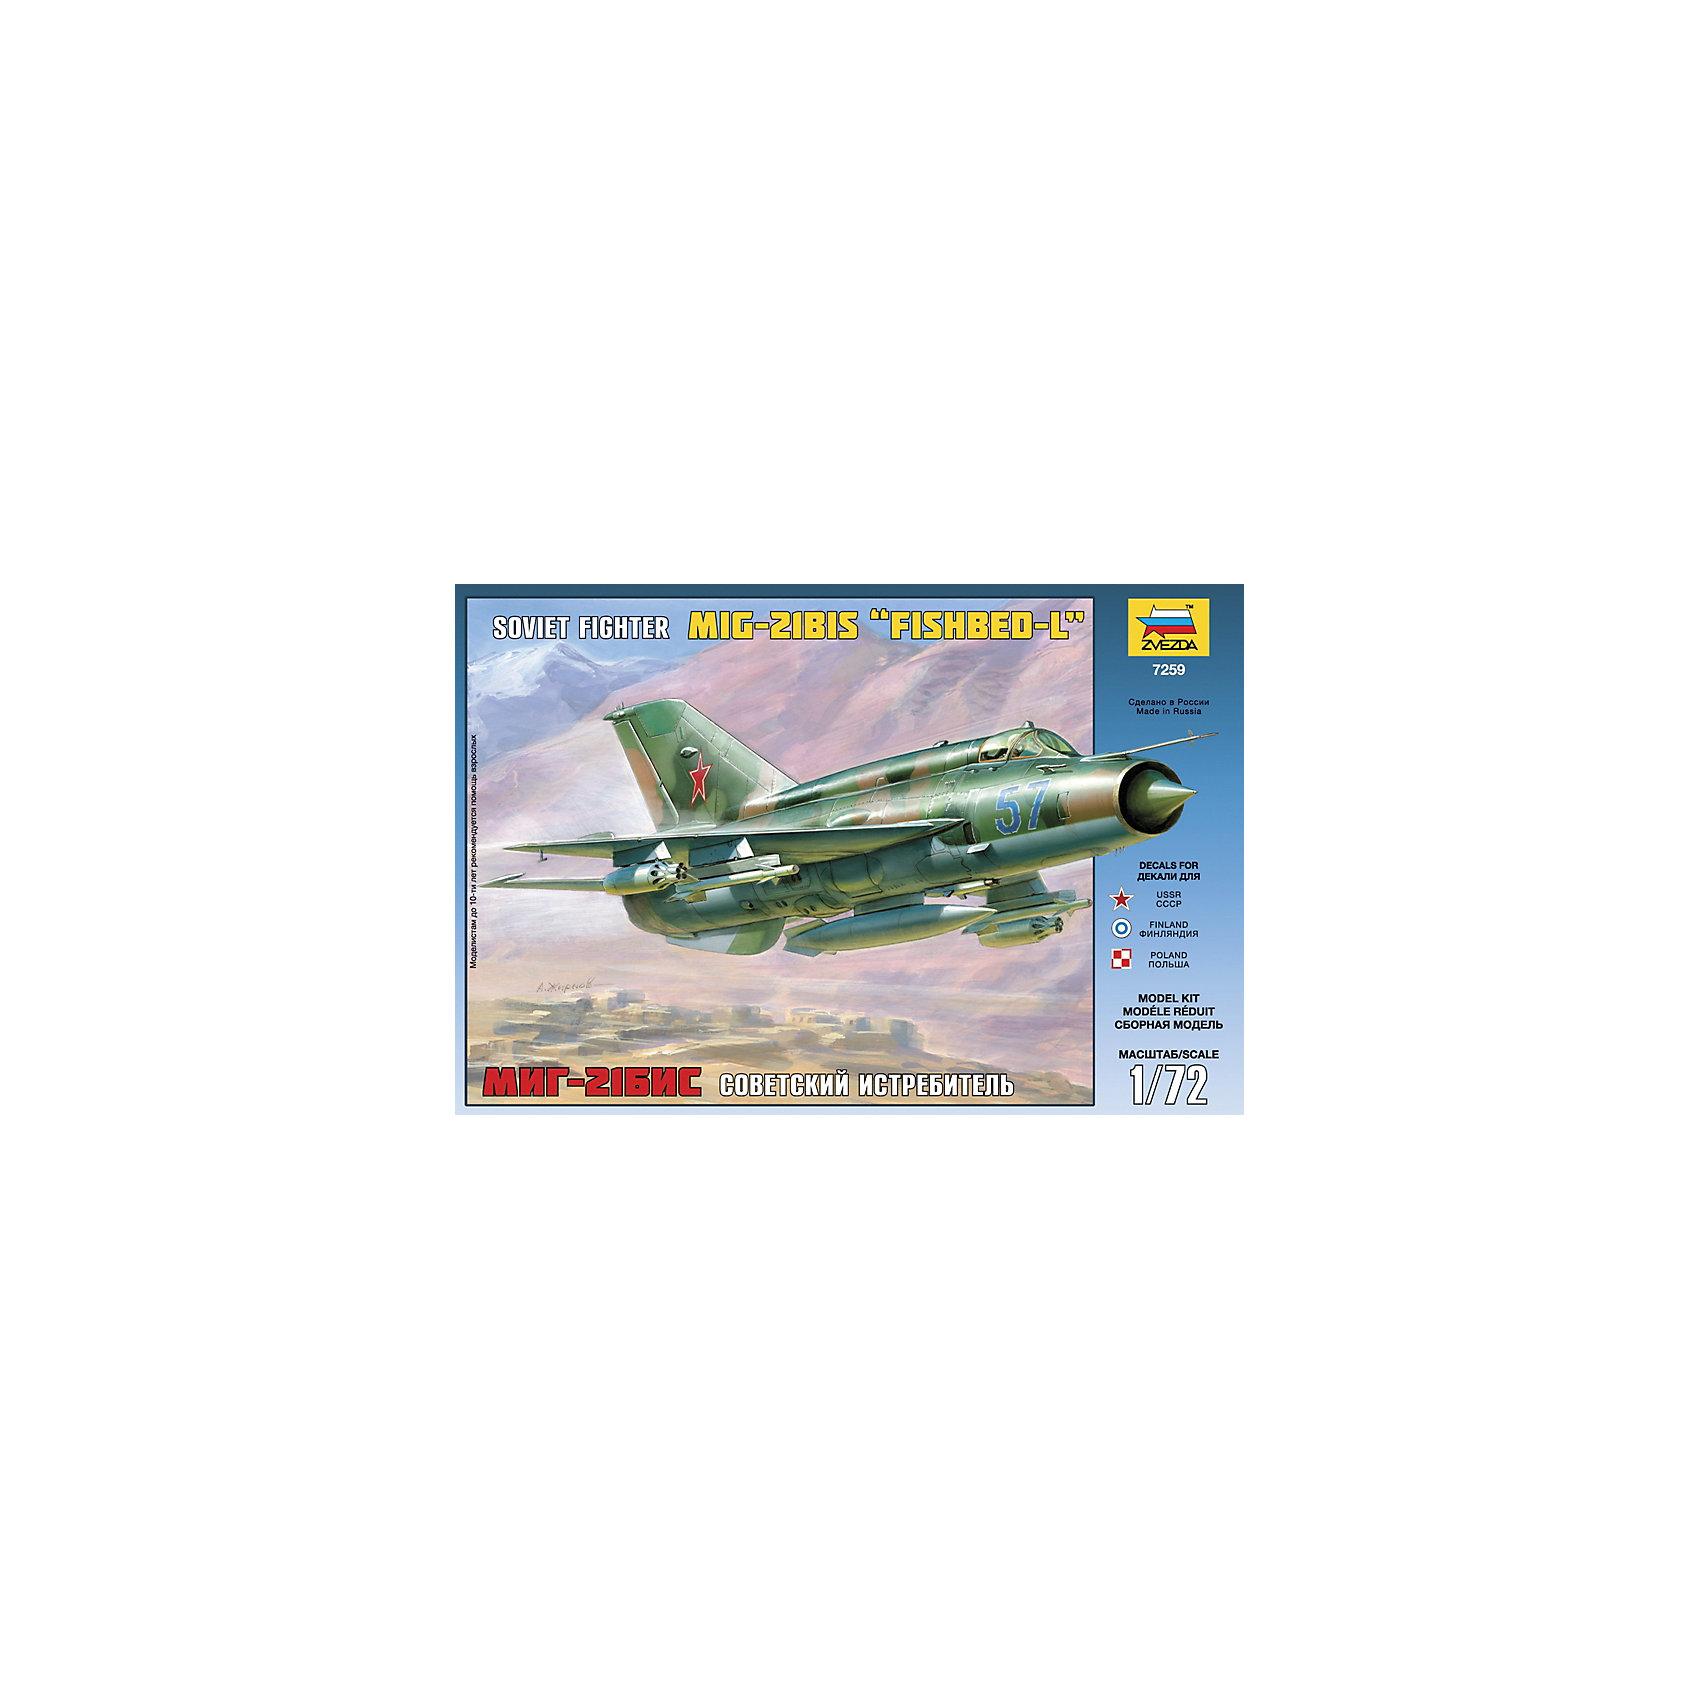 Звезда Сборная модель Истребитель МиГ-21БИС, Звезда звезда сборная модель самолета су 27 звезда